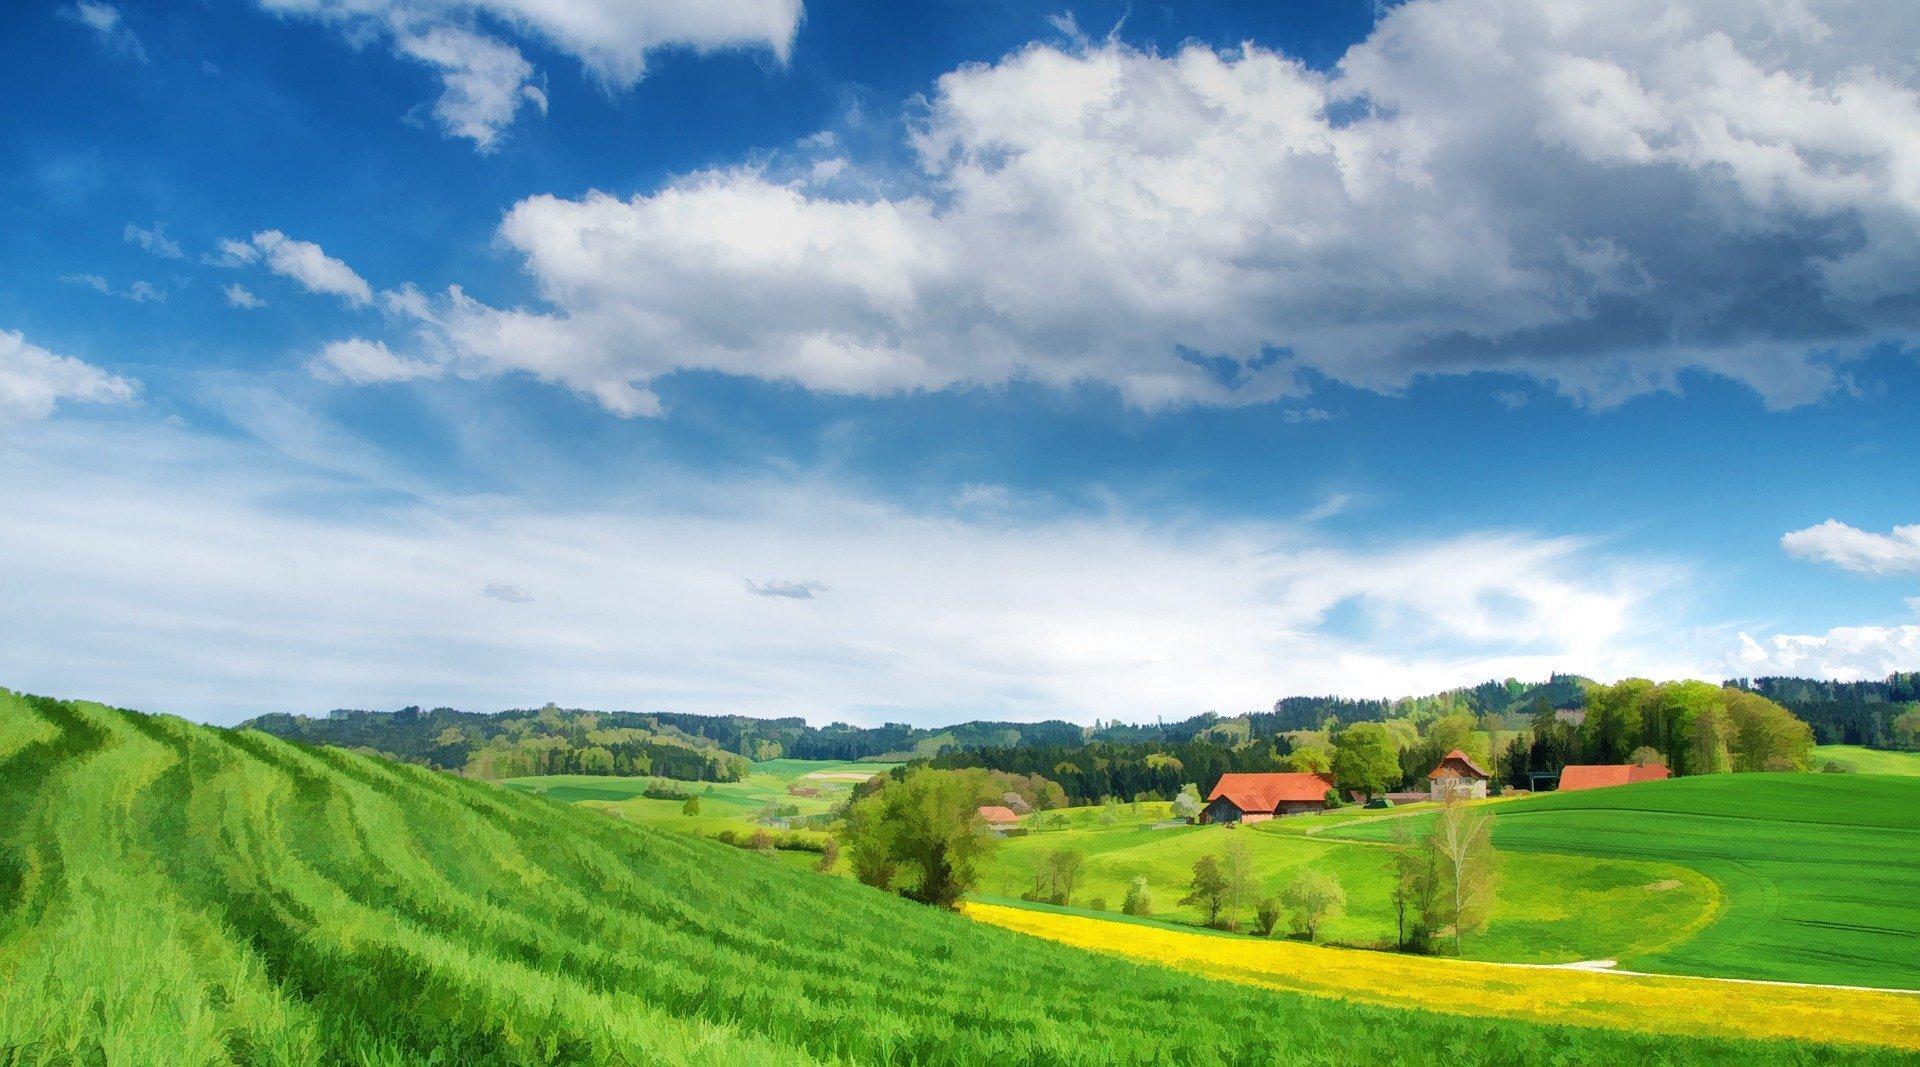 园林绿化管护